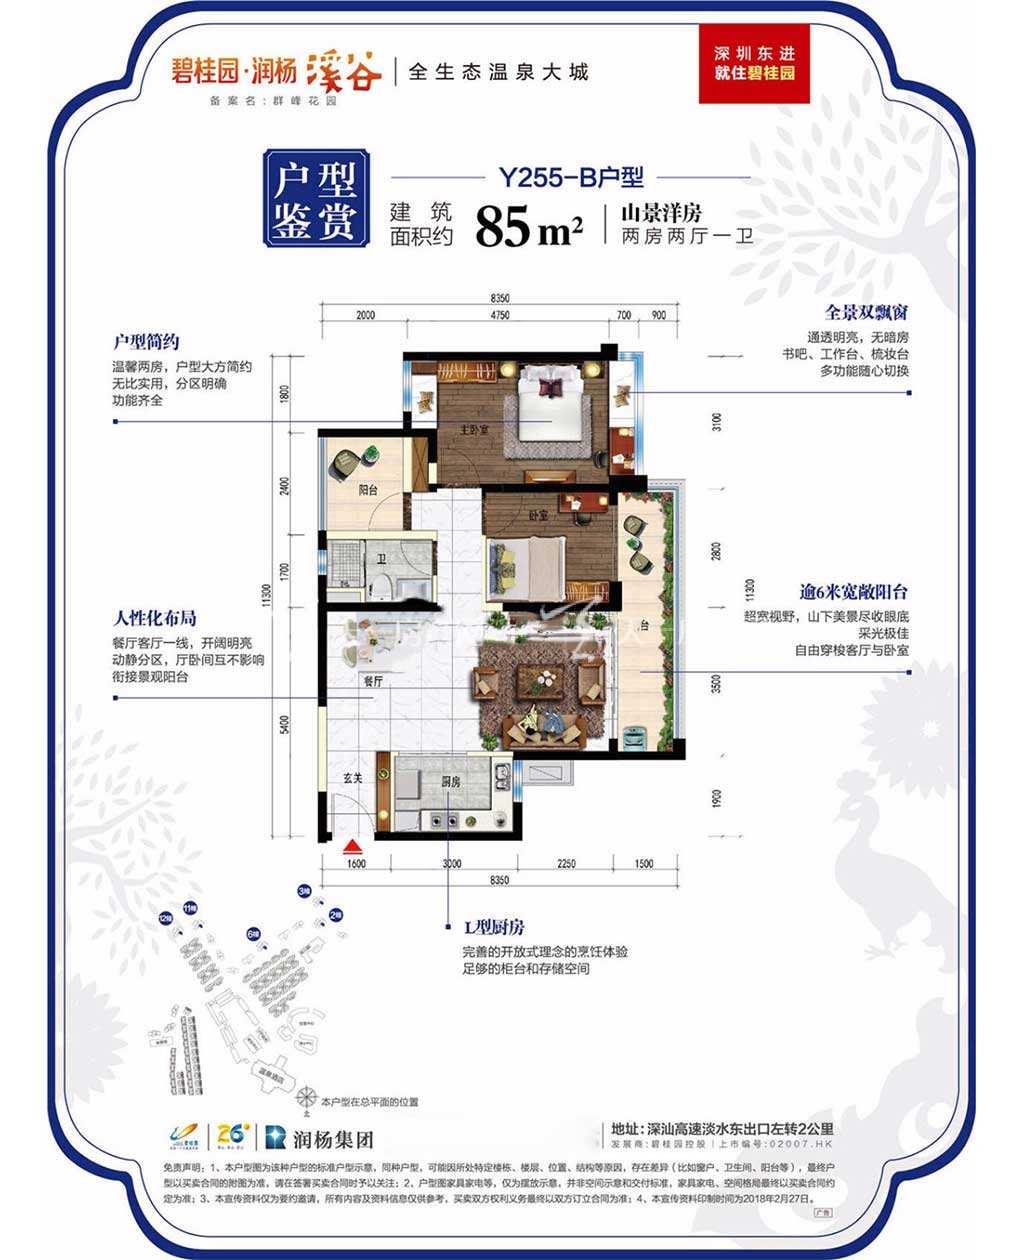 碧桂园润杨溪谷山景洋房B户型-二房建筑面积85㎡.jpg